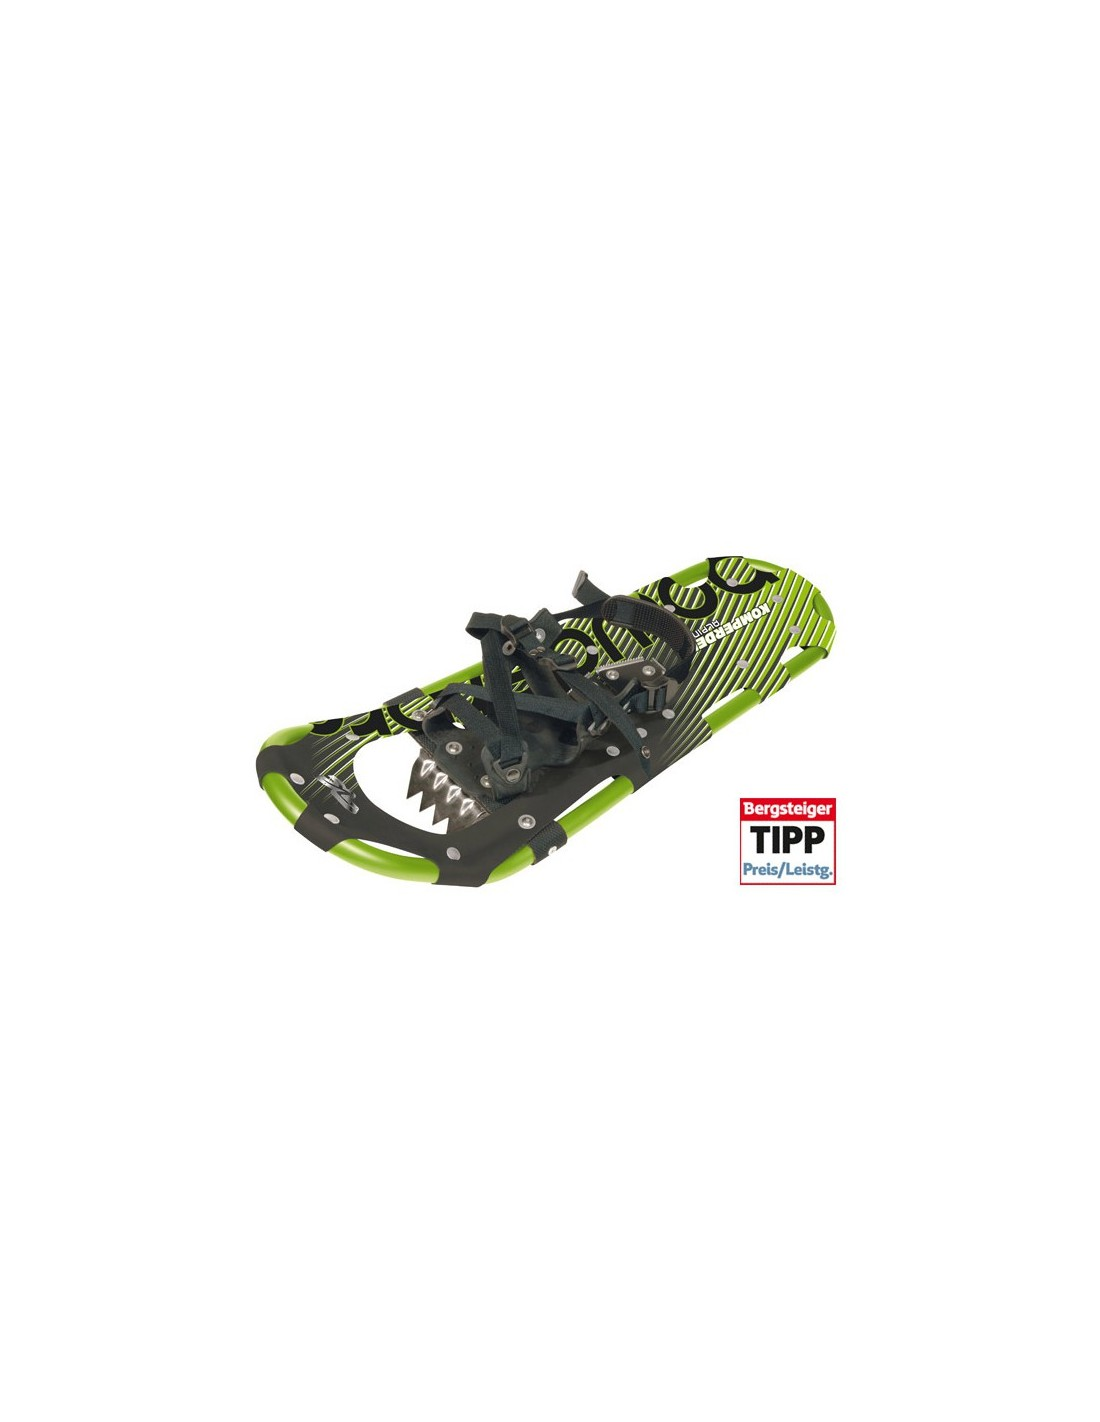 Komperdell Schneeschuh Alpinist 25 Schneeschuhfarbe - Grün, Eignung - 71 - 80 k